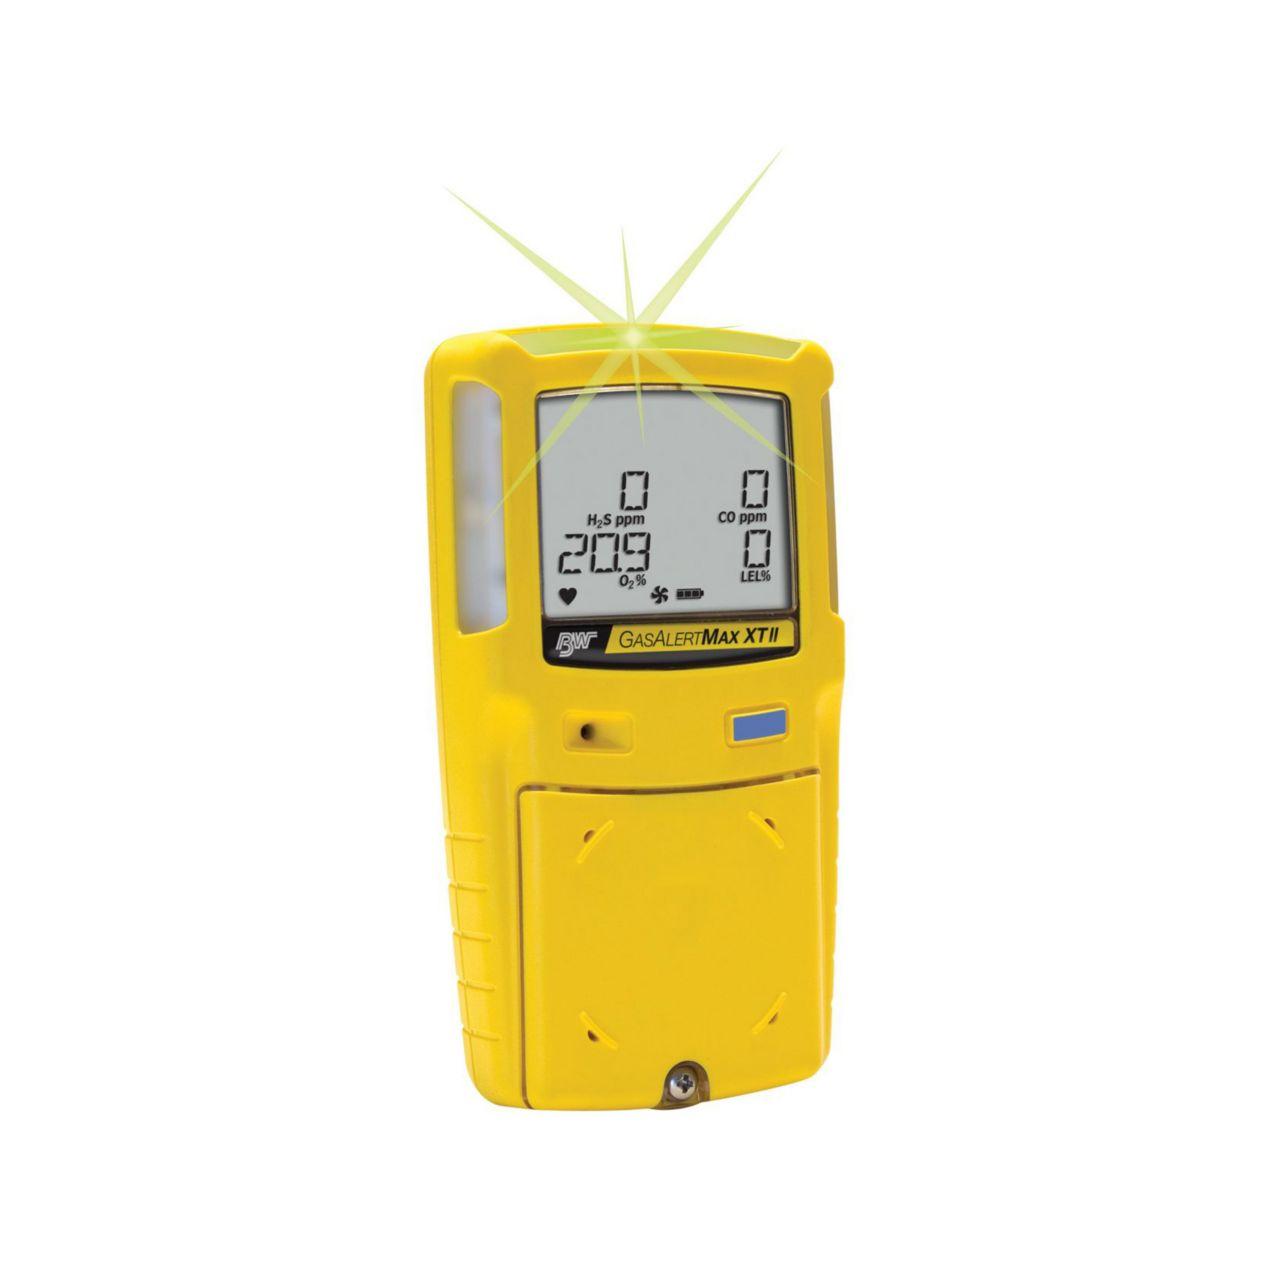 Multi Gas Monitor : BW Max XT ll